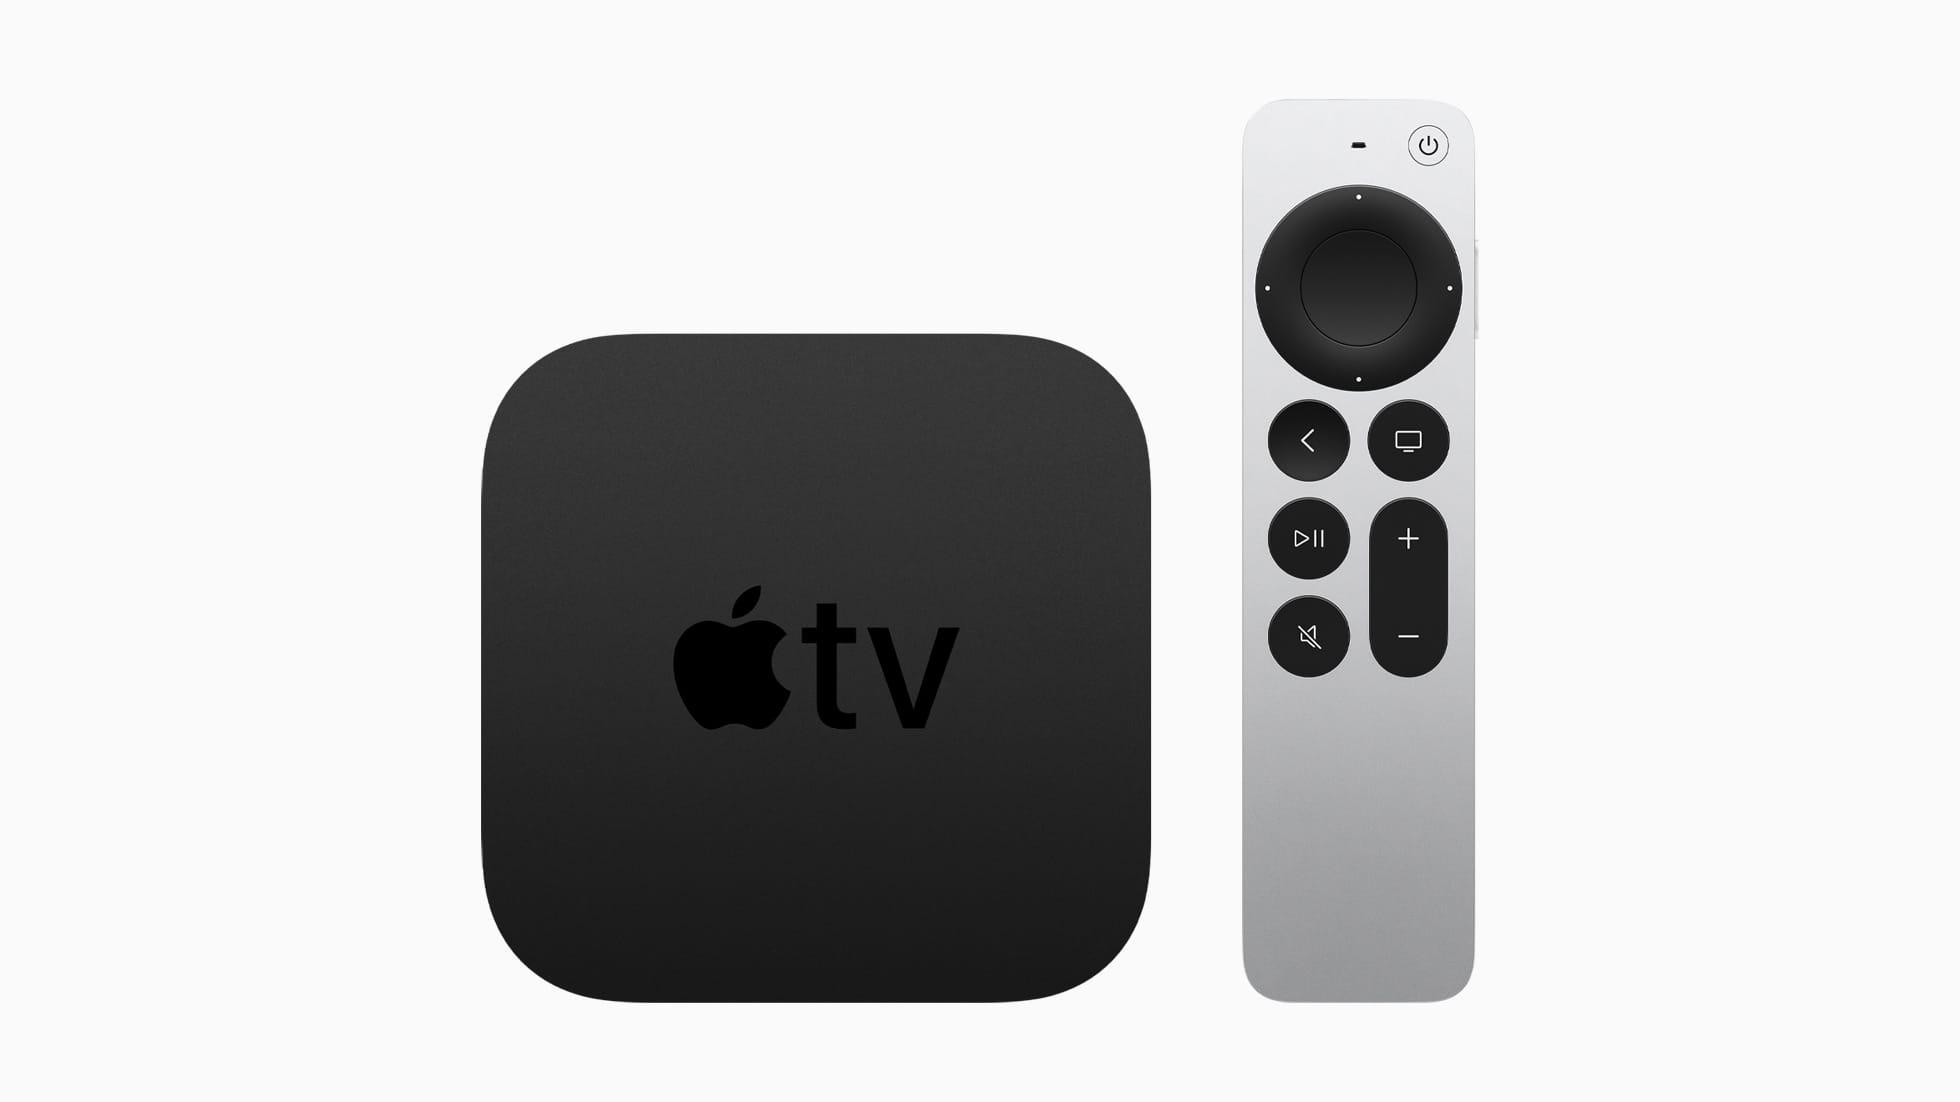 第2世代の「Apple TV 4K」発表、「Siri Remote」も刷新